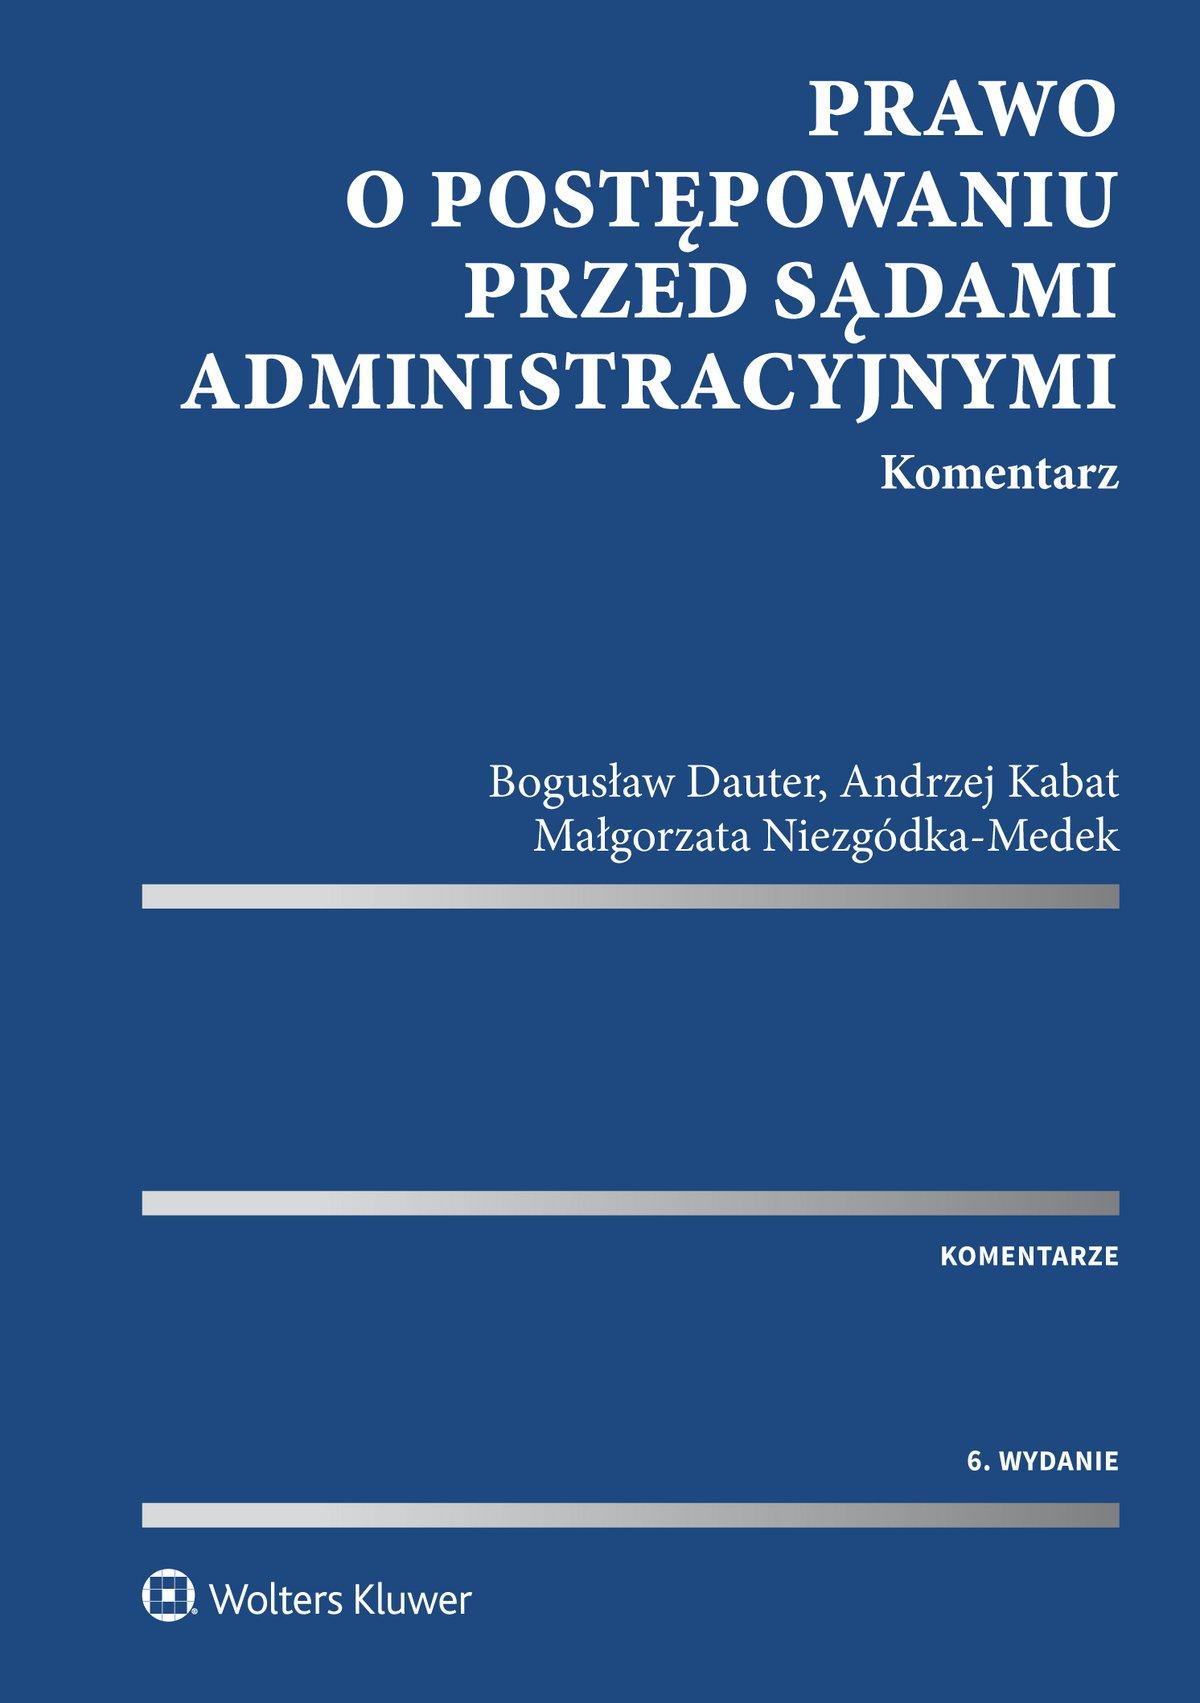 Prawo o postępowaniu przed sądami administracyjnymi. Komentarz - Ebook (Książka EPUB) do pobrania w formacie EPUB